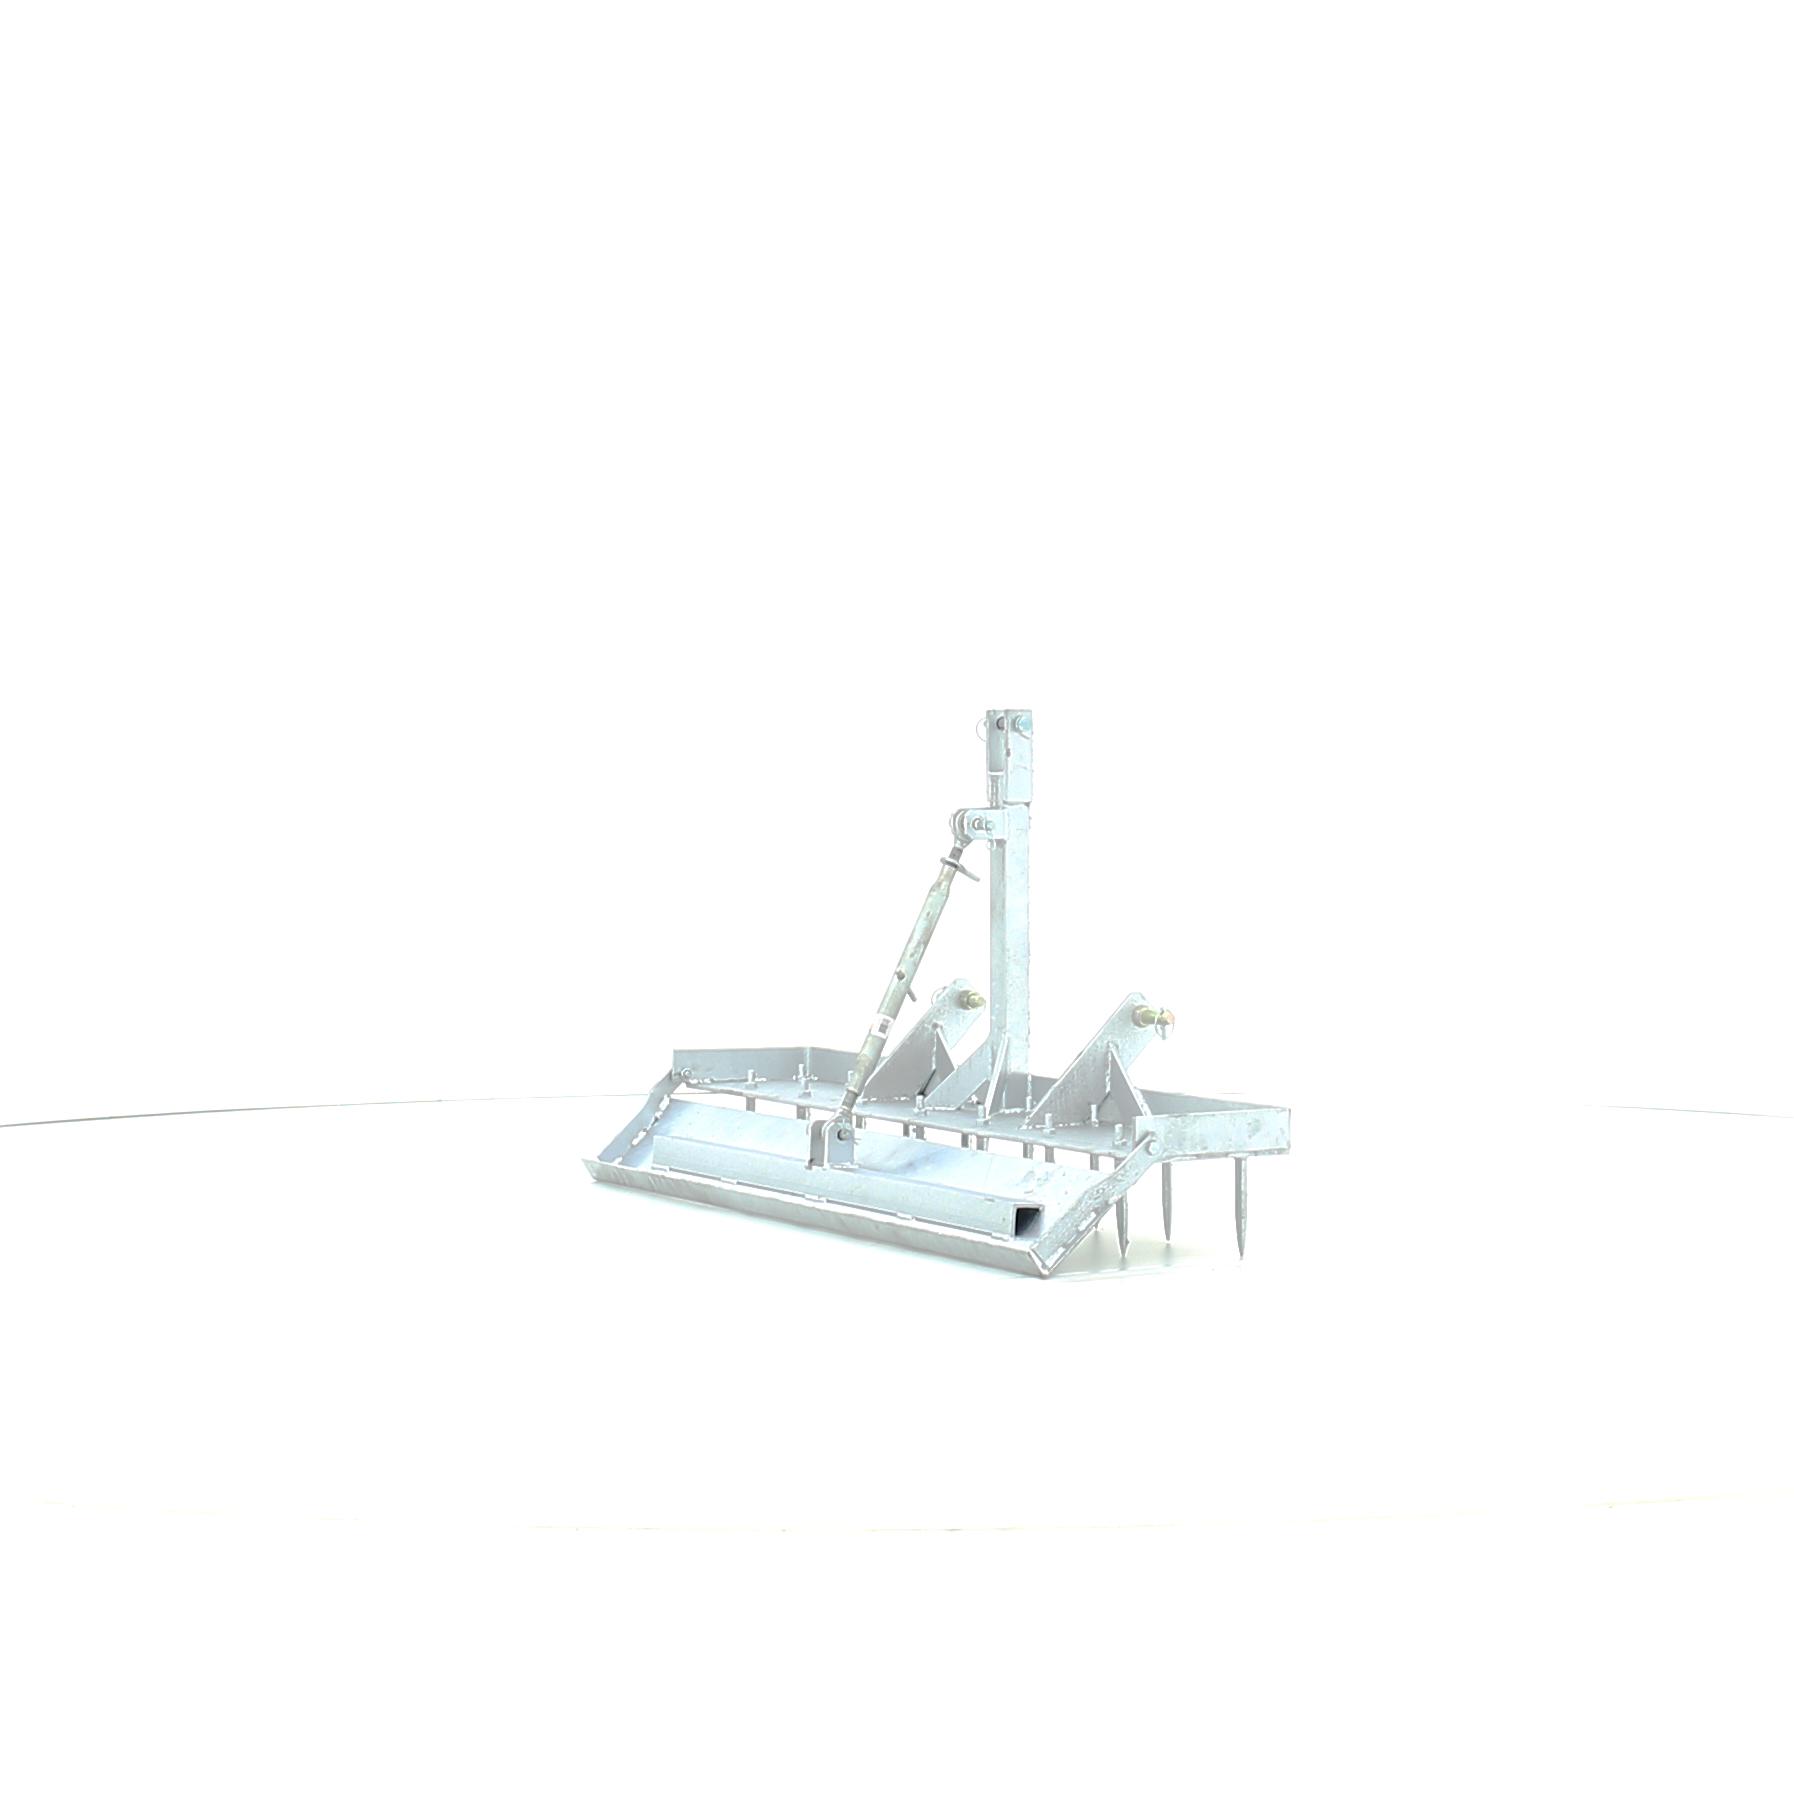 Manegevlakker gegalvaniseerd 100 tot 200cm